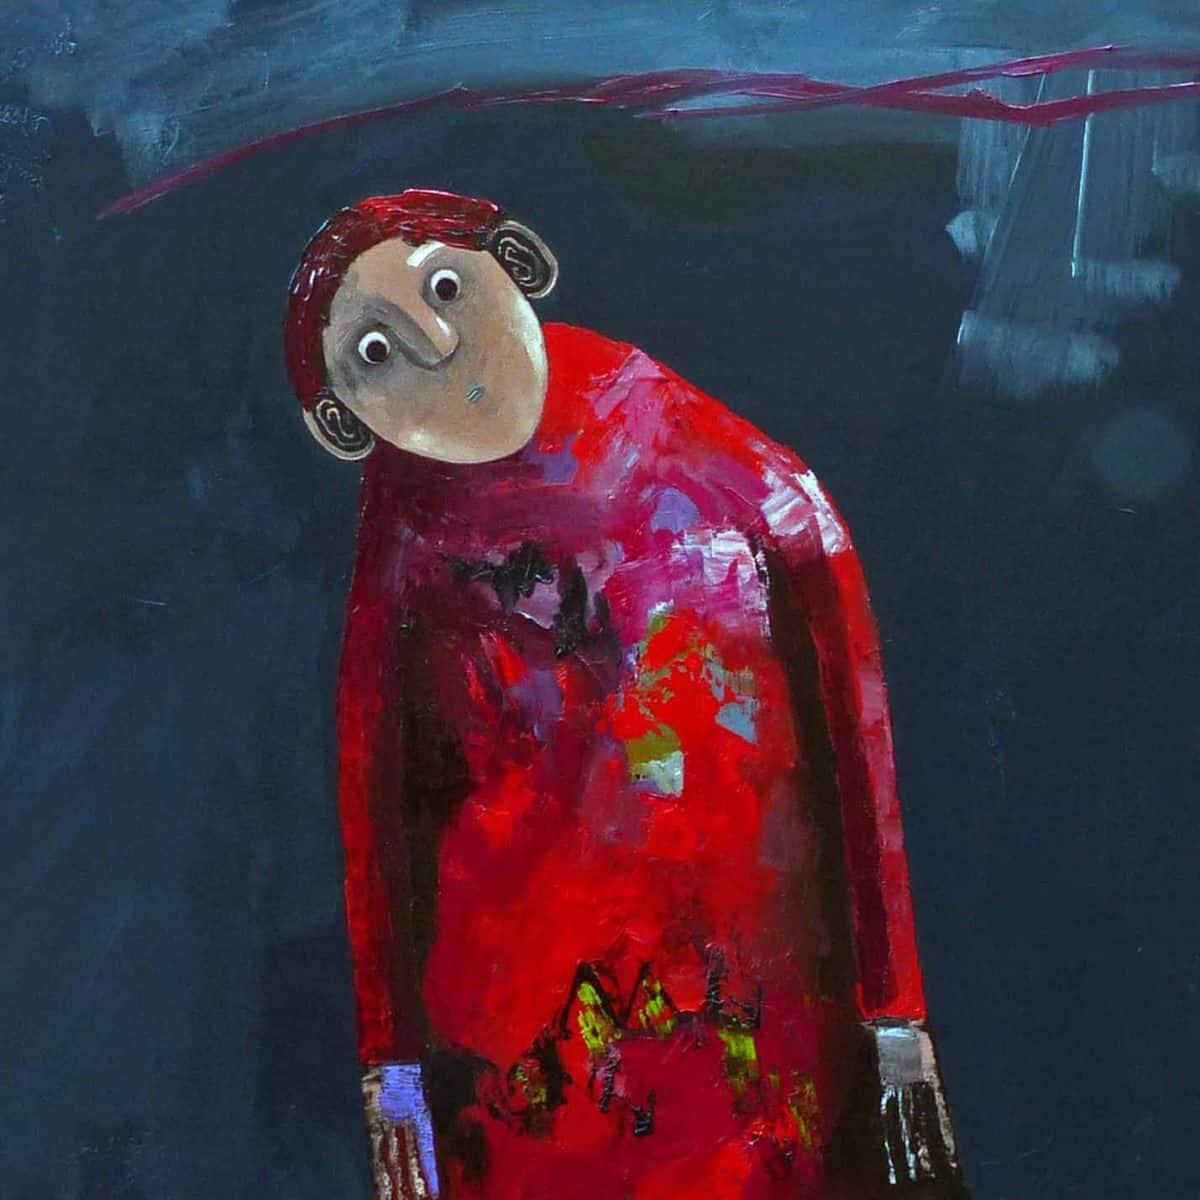 Pascal MARCEL Artiste Peintre Galerie d'Art Sylvie Platini Lyon Annecy